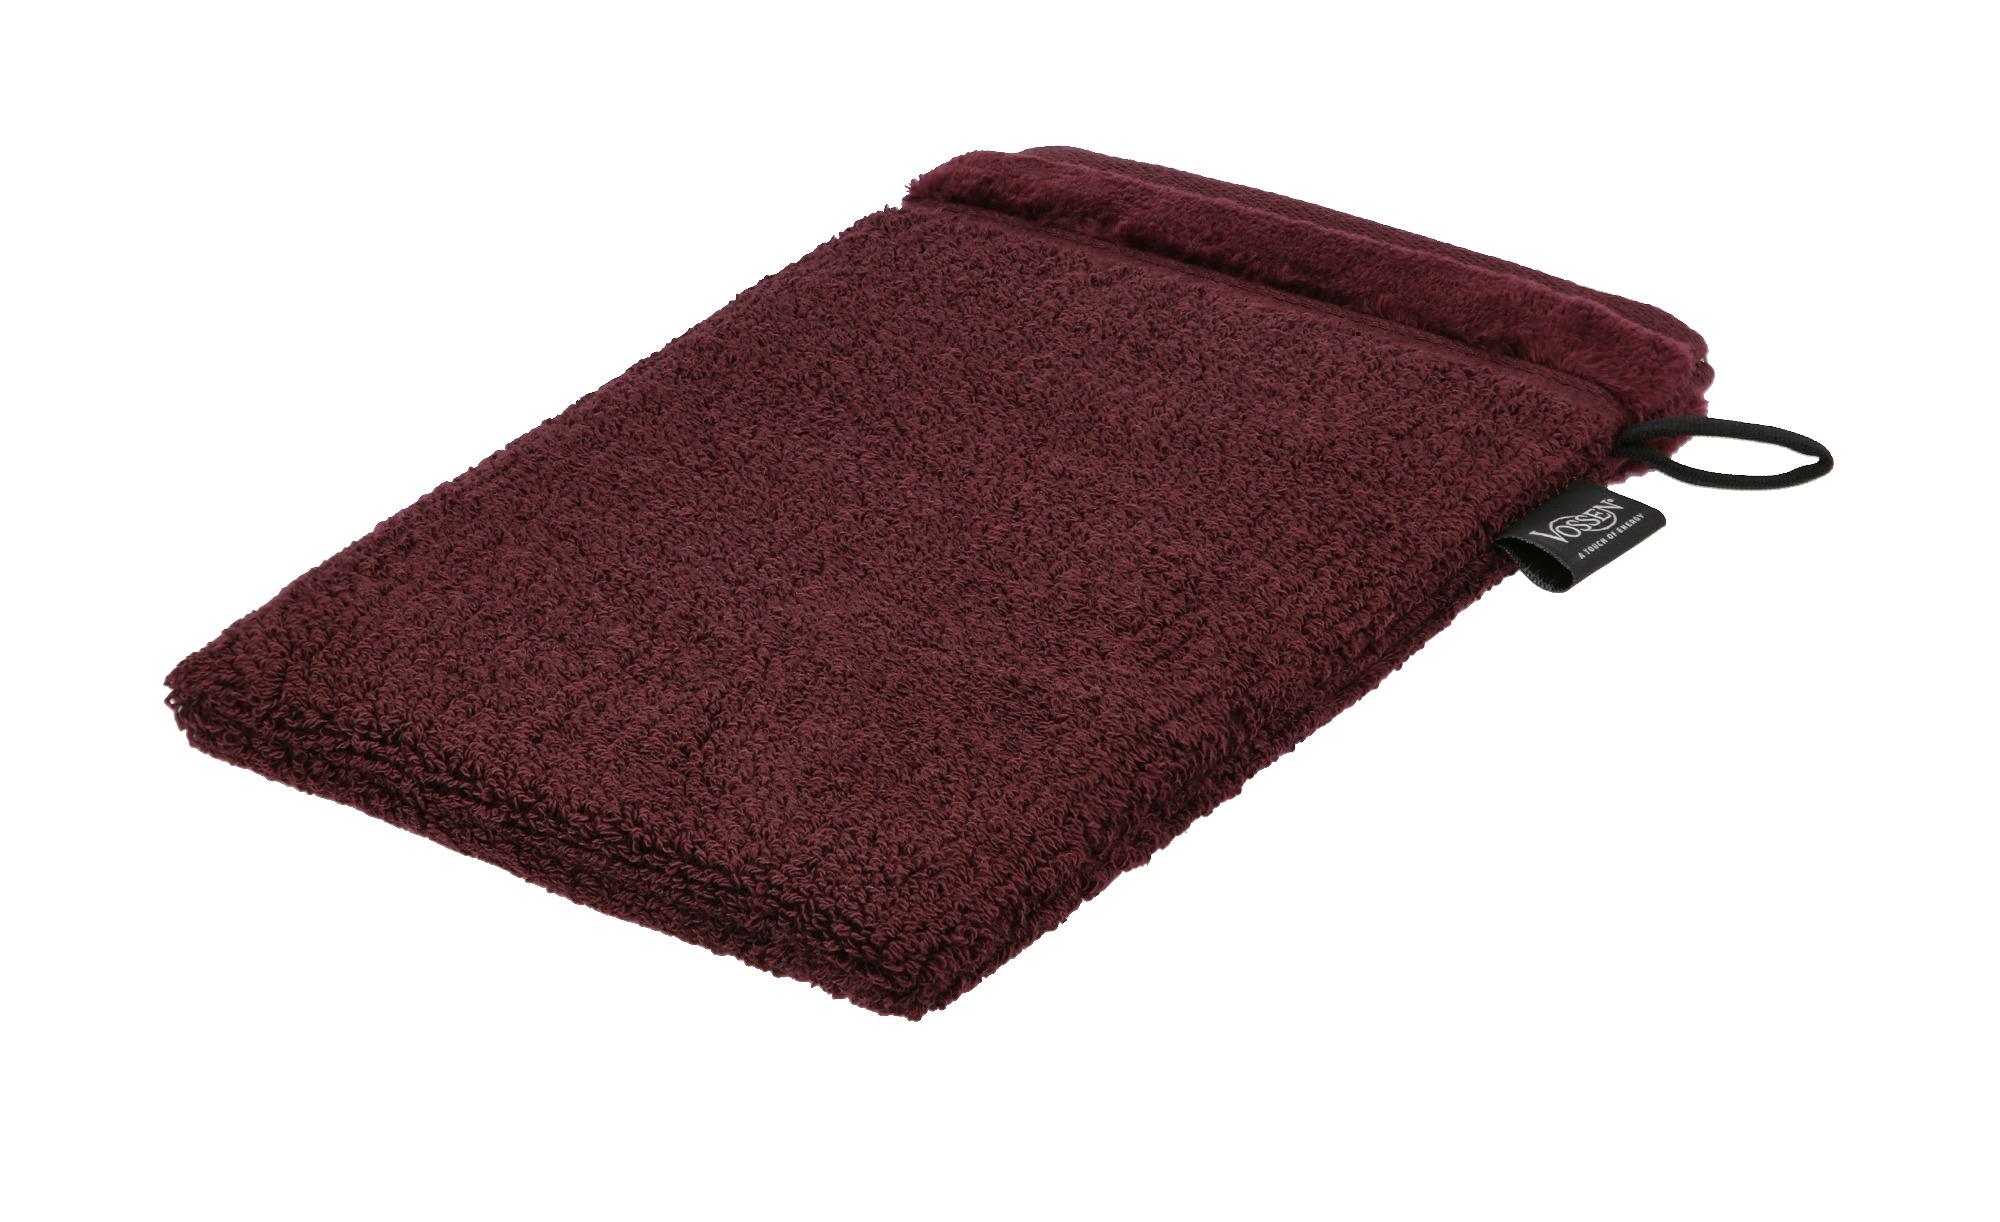 VOSSEN Waschhandschuh  Pure ¦ lila/violett ¦ 100% Bio-Baumwolle ¦ Maße (cm): B: 16 Badtextilien und Zubehör > Handtücher & Badetücher > Handtücher - Höffner